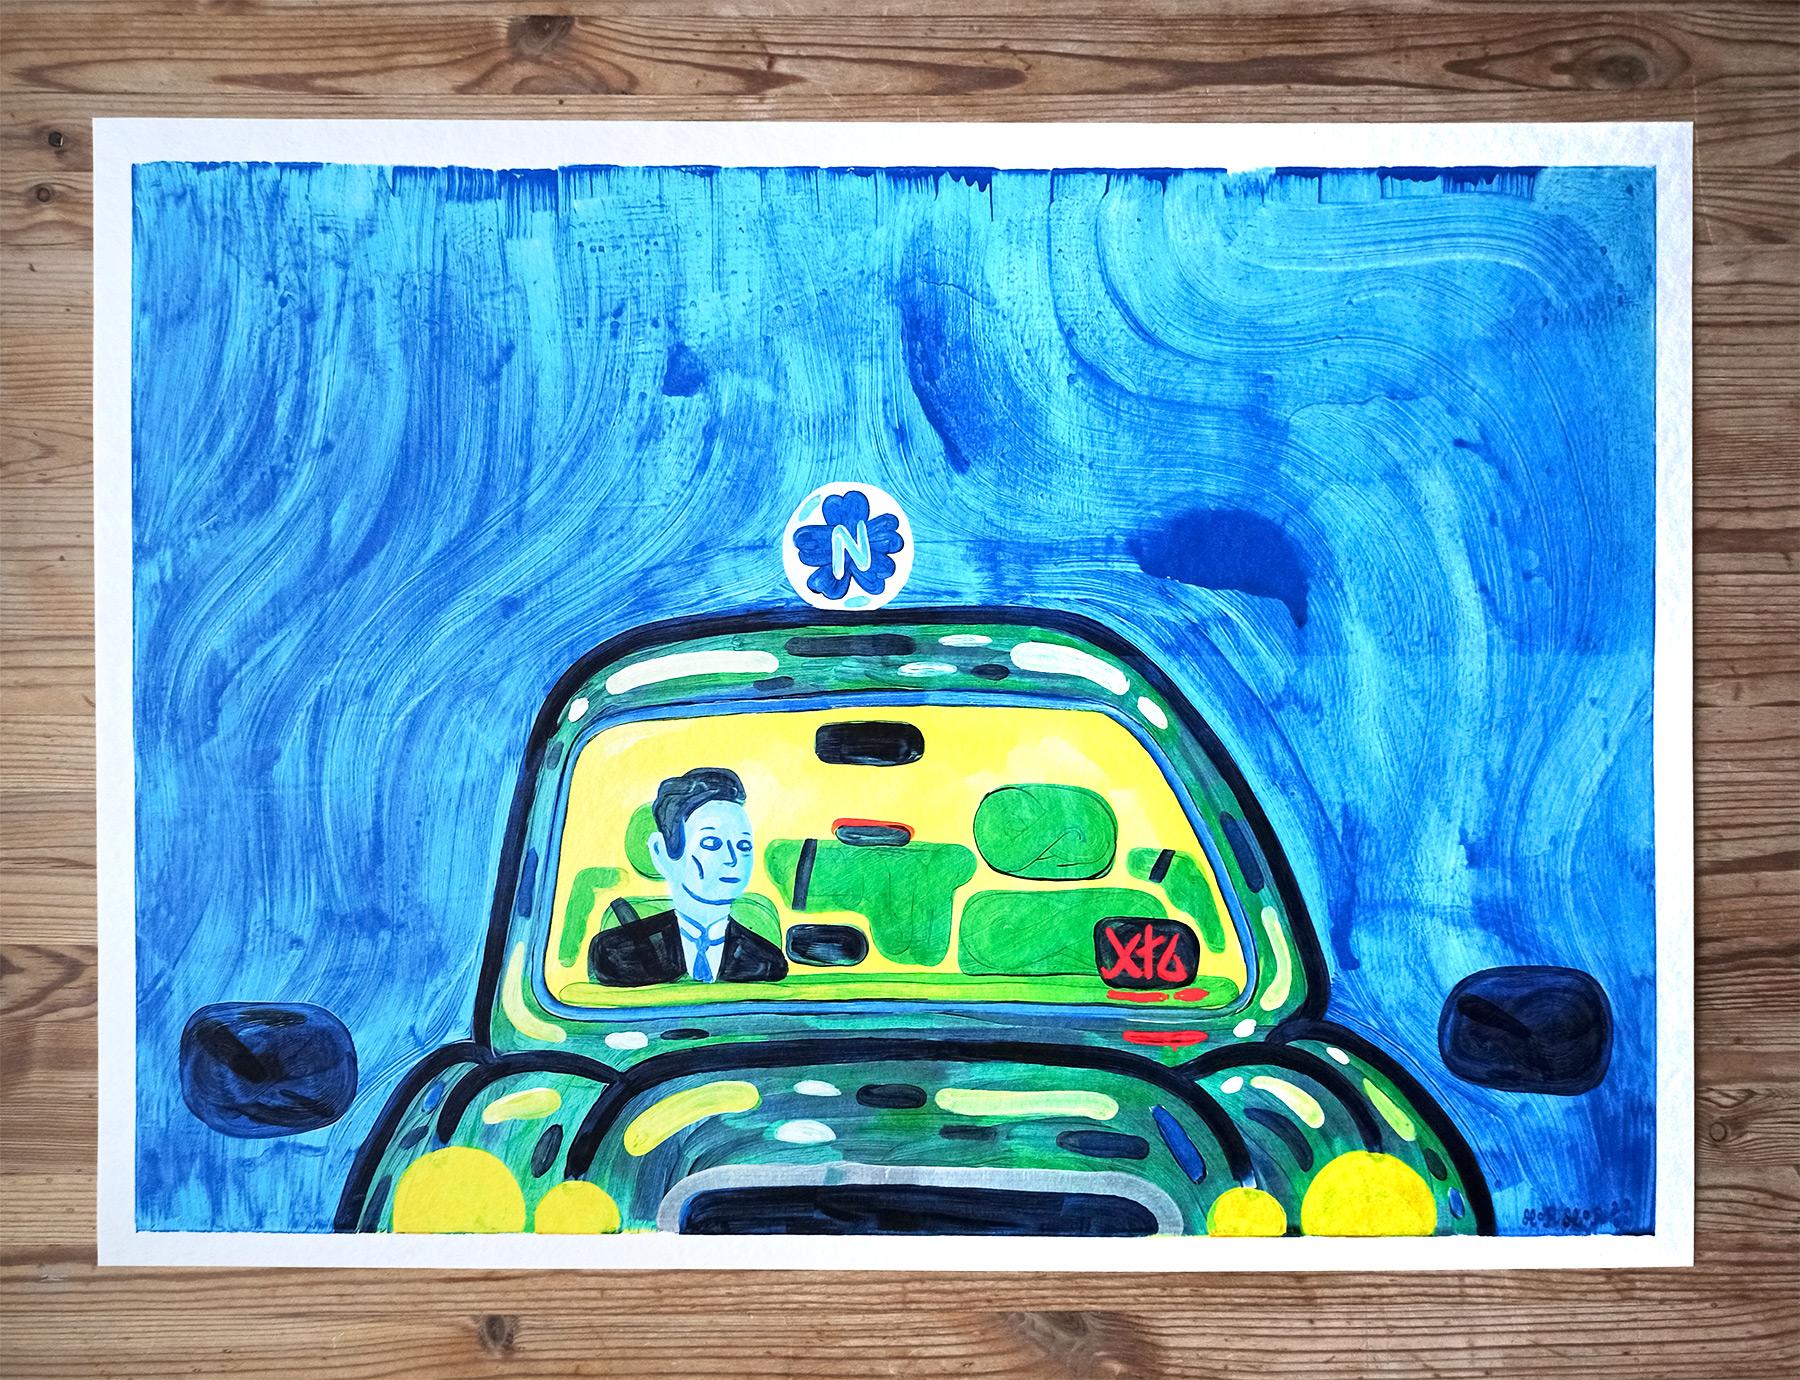 plakater-posters-kunsttryk, giclee-tryk, farverige, børnevenlige, figurative, grafiske, illustrative, pop, kroppe, tegneserier, hverdagsliv, bevægelse, mennesker, blå, grønne, turkise, gule, blæk, papir, sjove, dansk, dekorative, design, interiør, bolig-indretning, nordisk, plakater, flotte, tryk, skandinavisk, Køb original kunst og kunstplakater. Malerier, tegninger, limited edition kunsttryk & plakater af dygtige kunstnere.